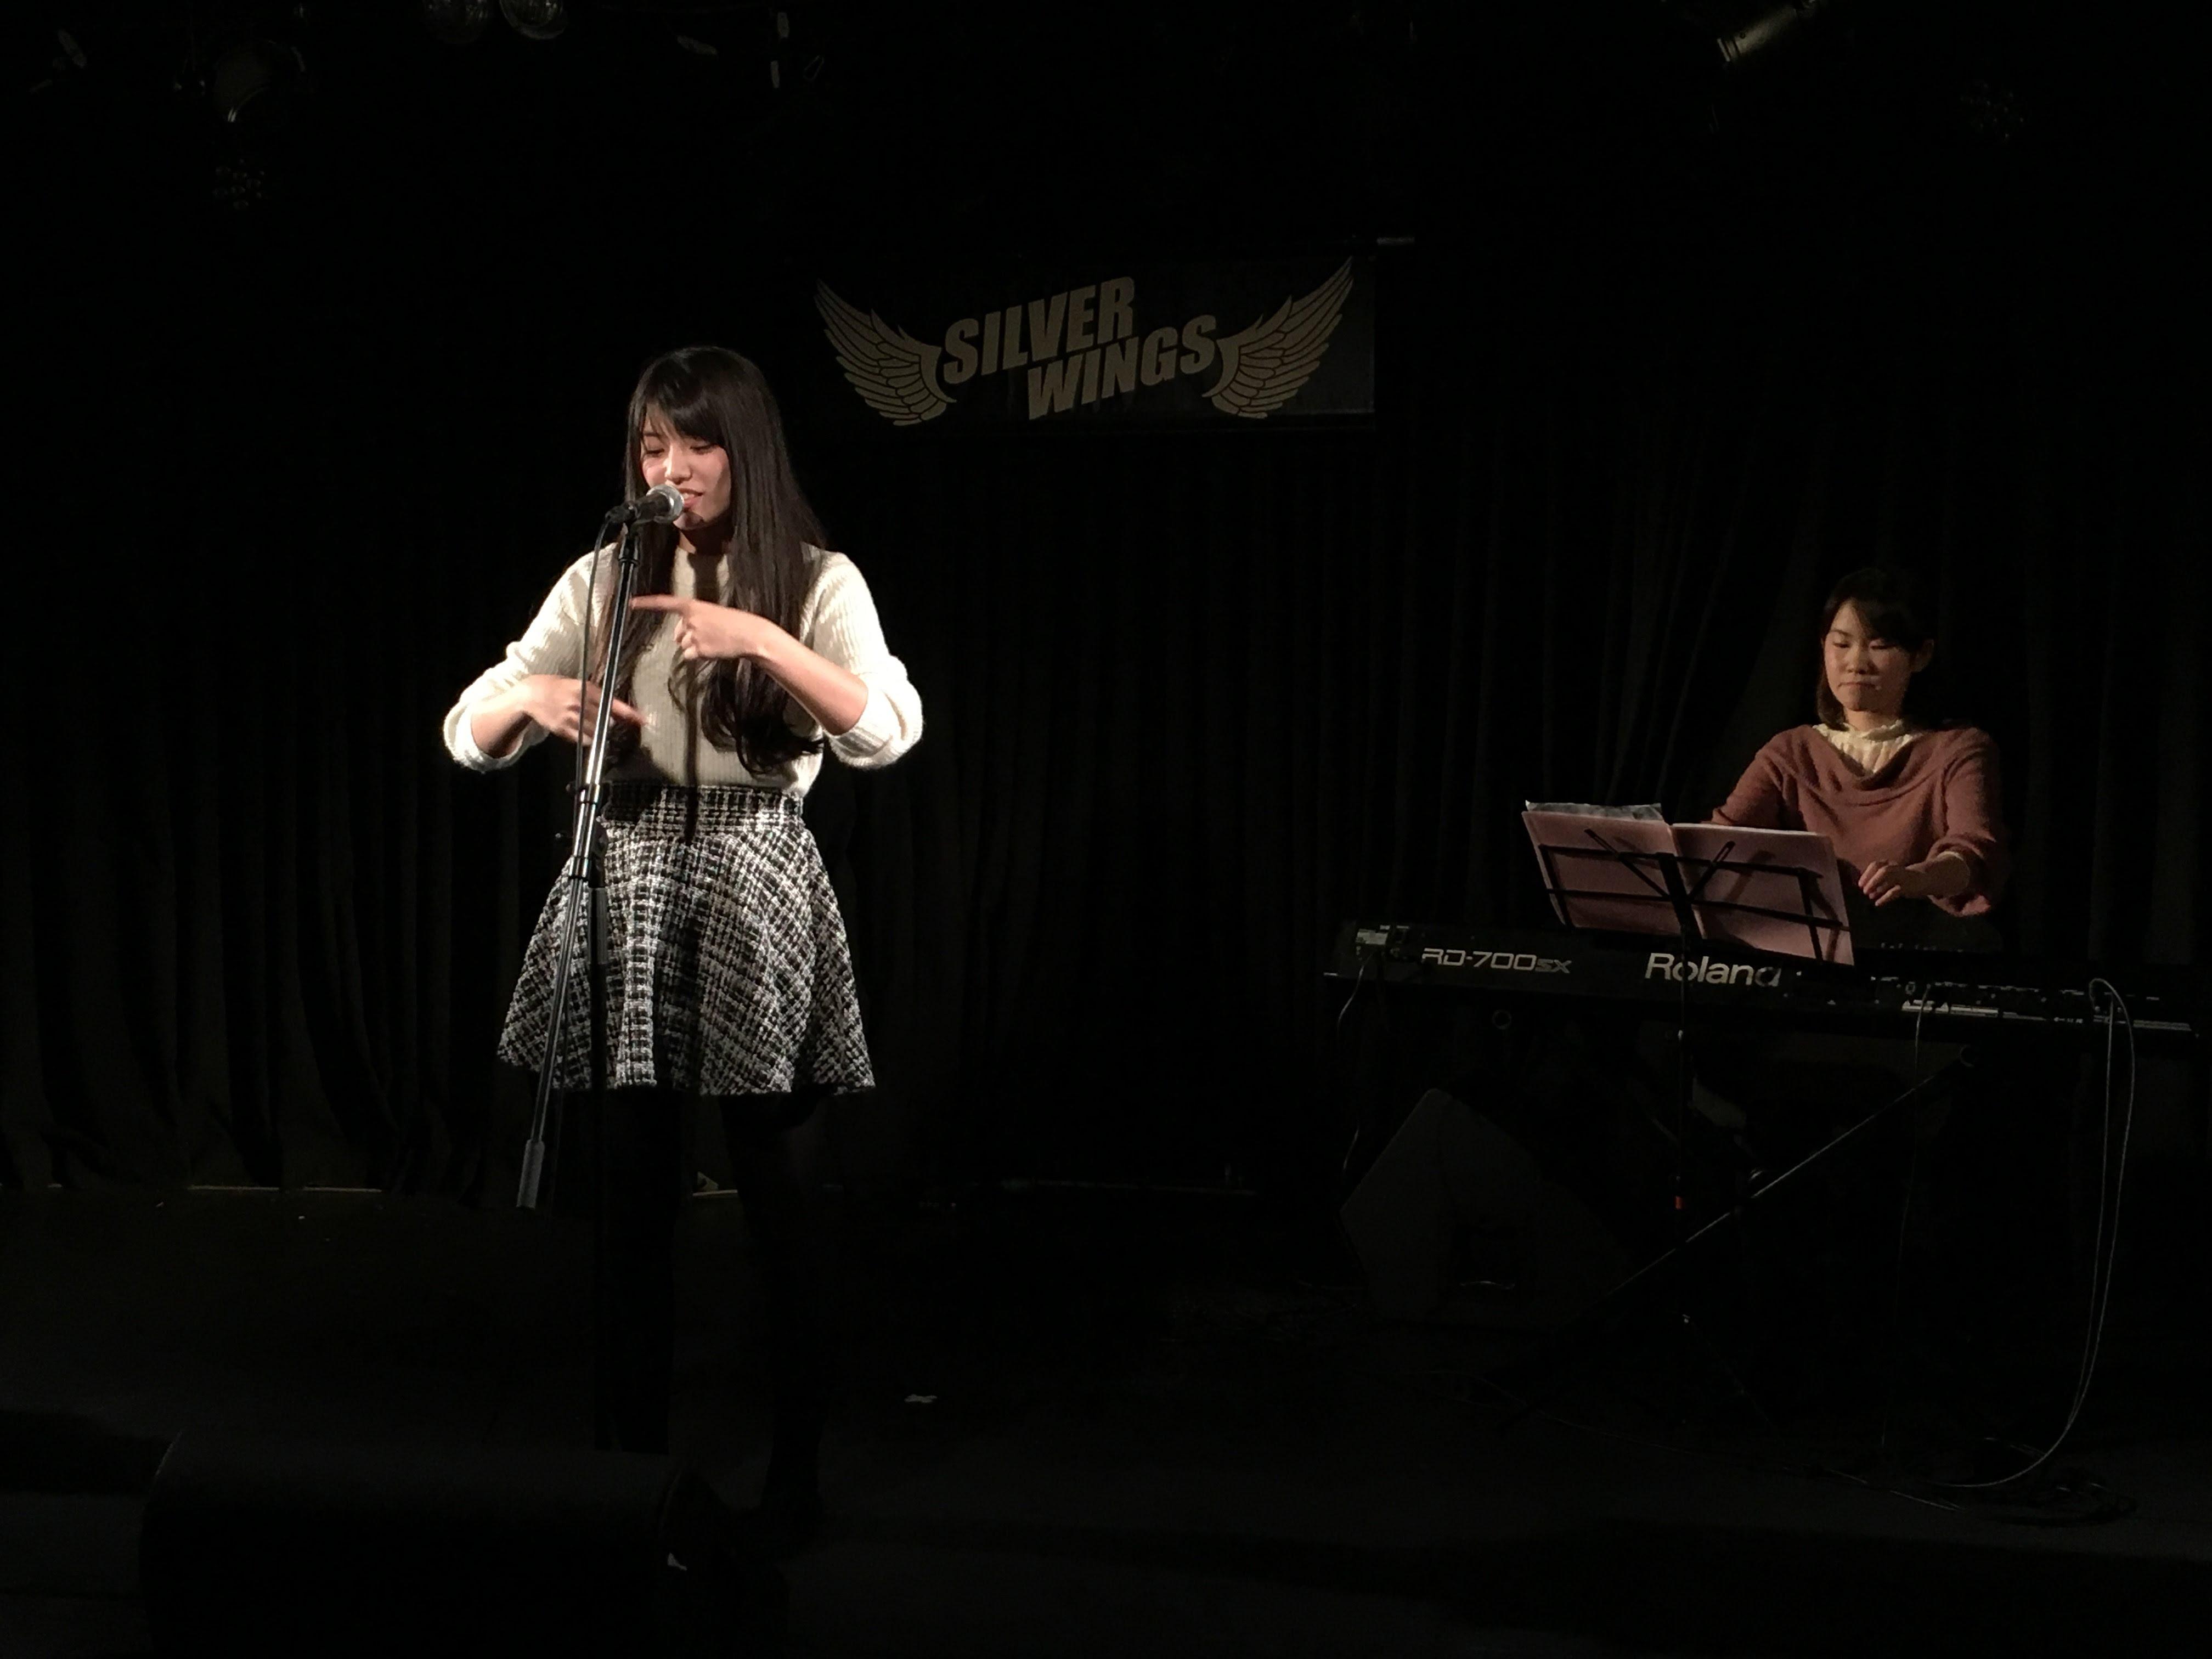 なおちゃんは大学で種手話サークルに所属しています。手話付きで歌ってくれました!!これ、実はなかなか難しいそうです。